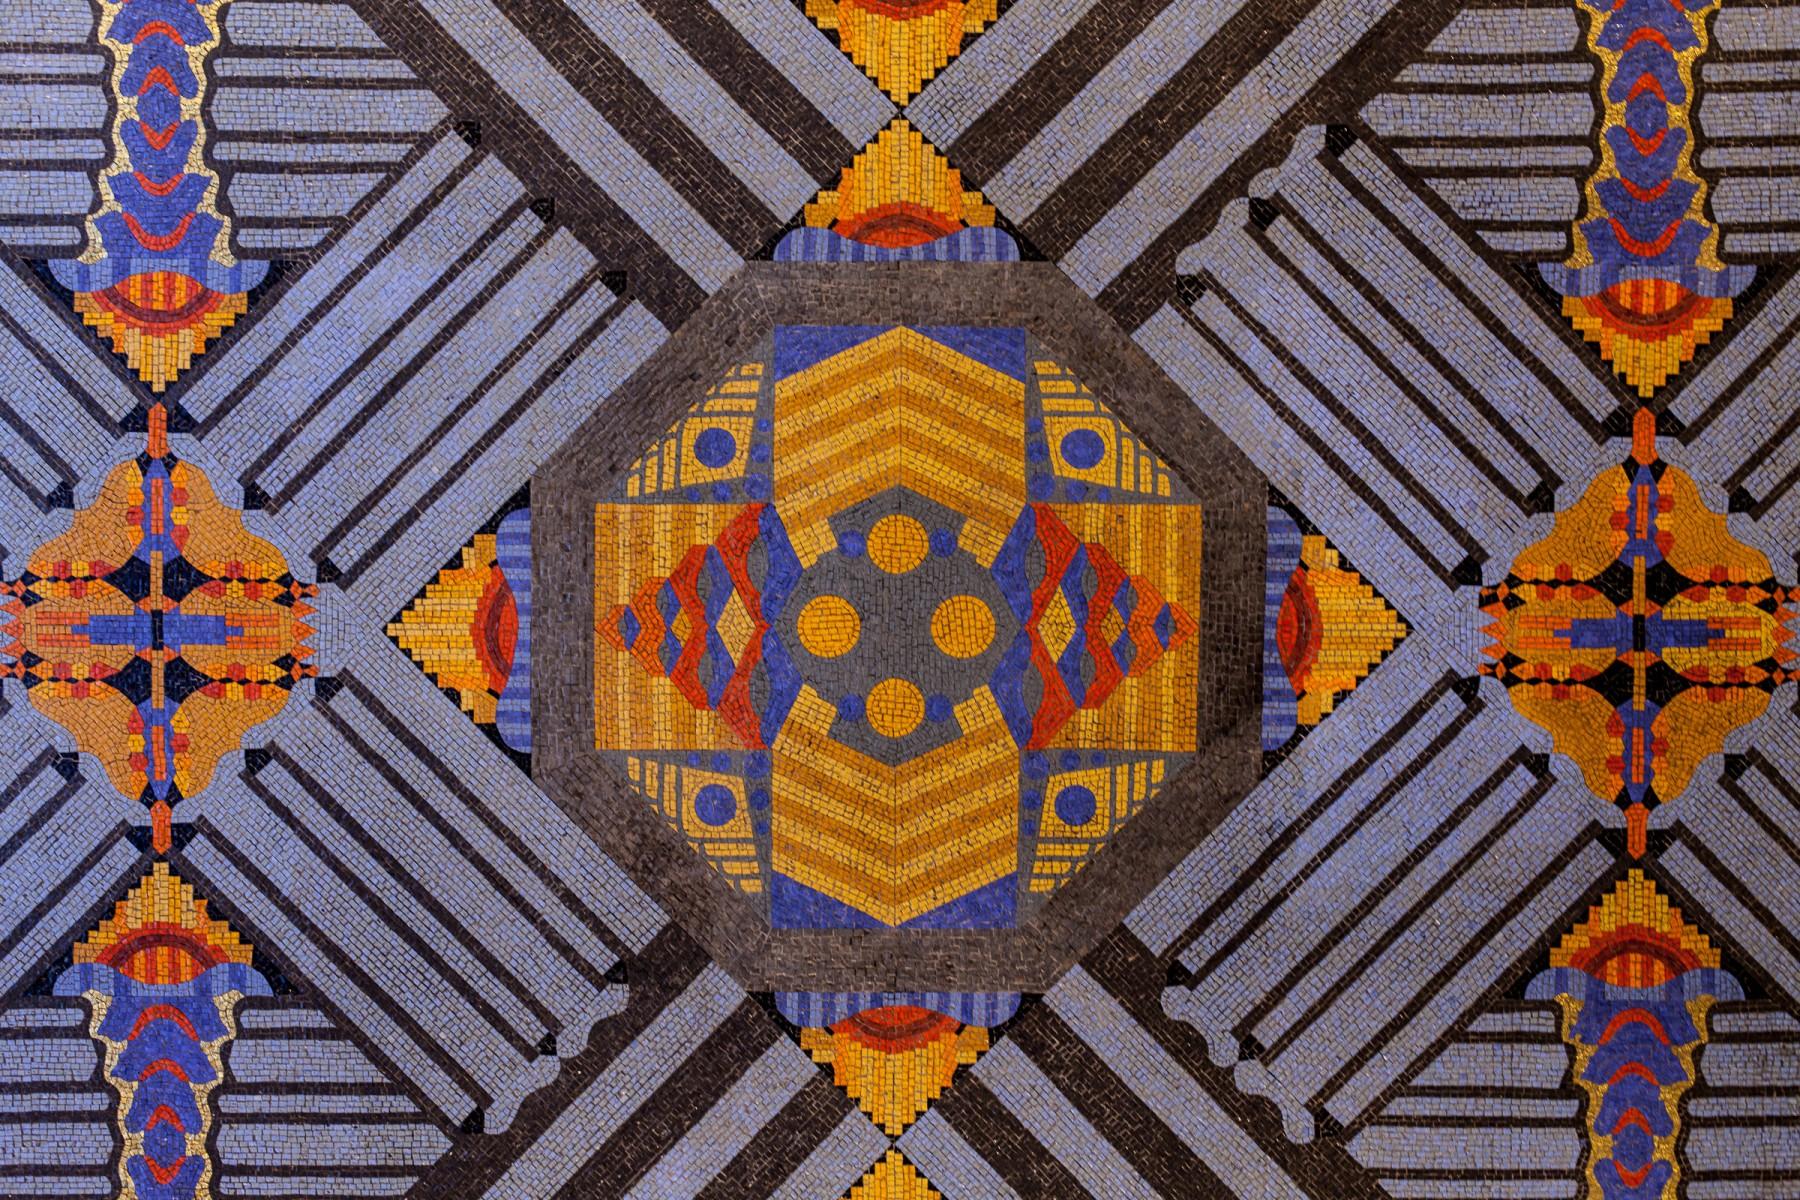 Elaborate mosaic found somewhere in Manhattan.